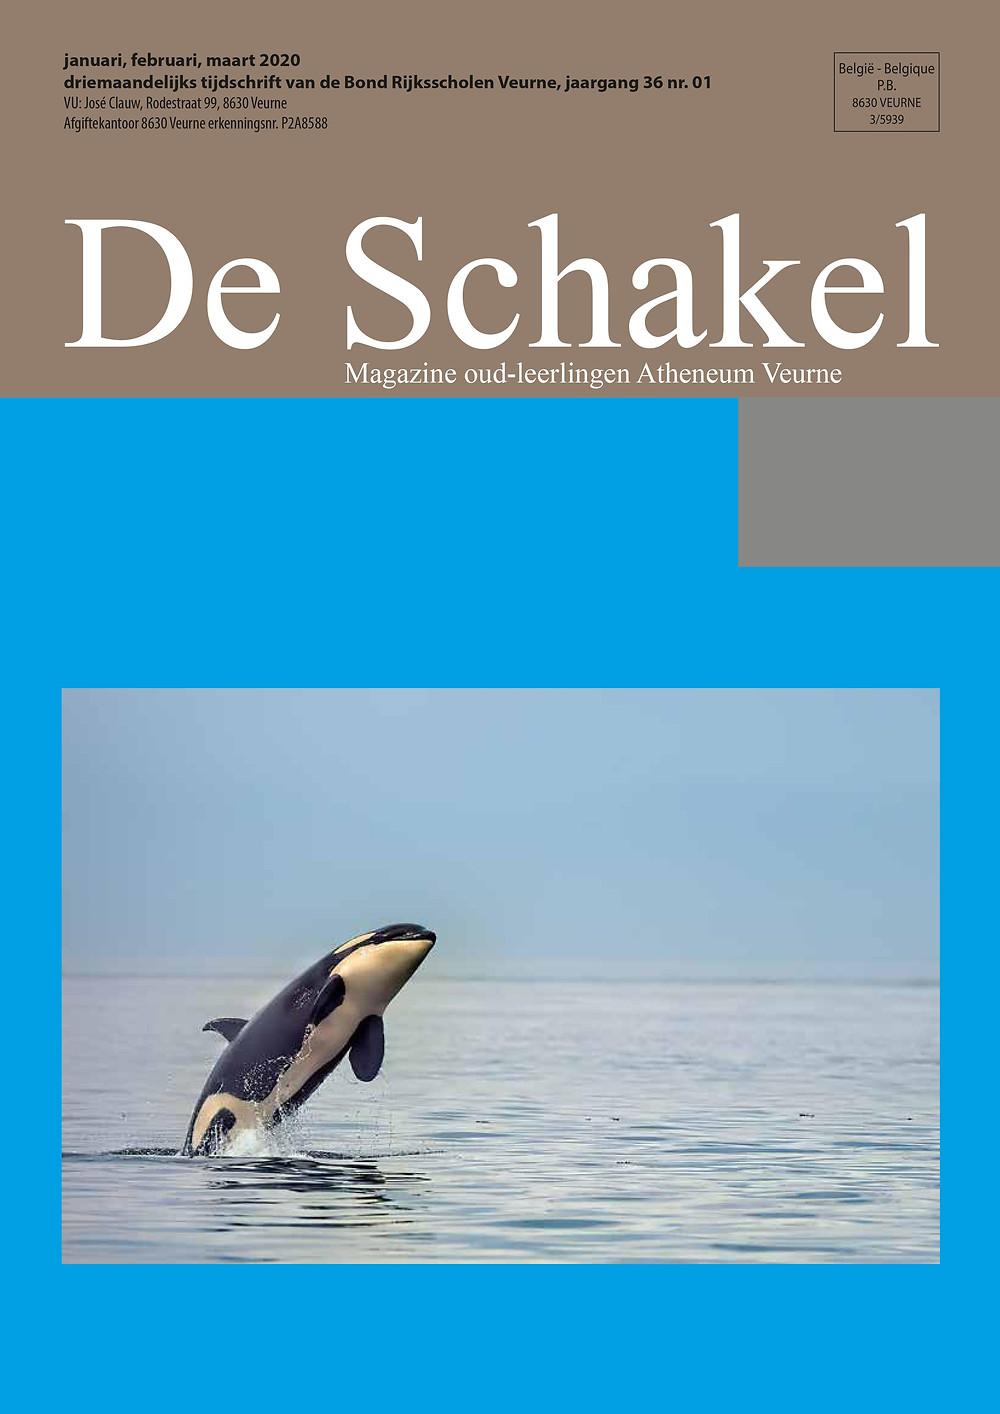 De Schakel, magazine oud-leerlingen atheneum Veurne